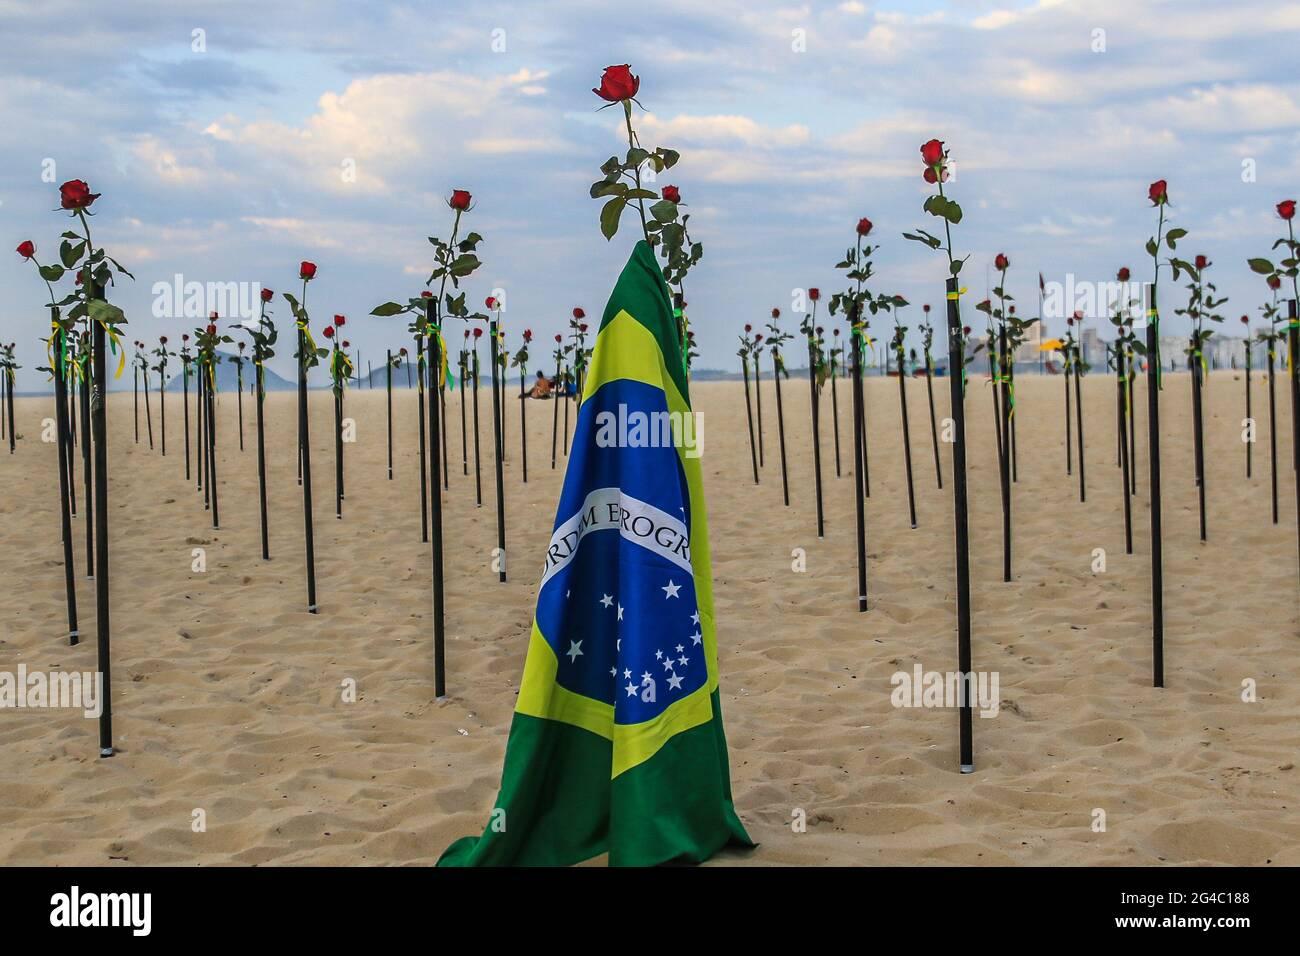 20 giugno 2021: BRASILE. RIO DE JANEIRO. 20 giugno 2021. La ONG Rio de Paz ha tenuto questa Domenica (20), sulla spiaggia di Copacabana, zona sud, una protesta dove ha messo 500 rose nella sabbia per protestare contro la pietra miliare raggiunto di 500,000 morti di covid-19 nel paese. Credit: Ellan Lustosa/ZUMA Wire/Alamy Live News Foto Stock